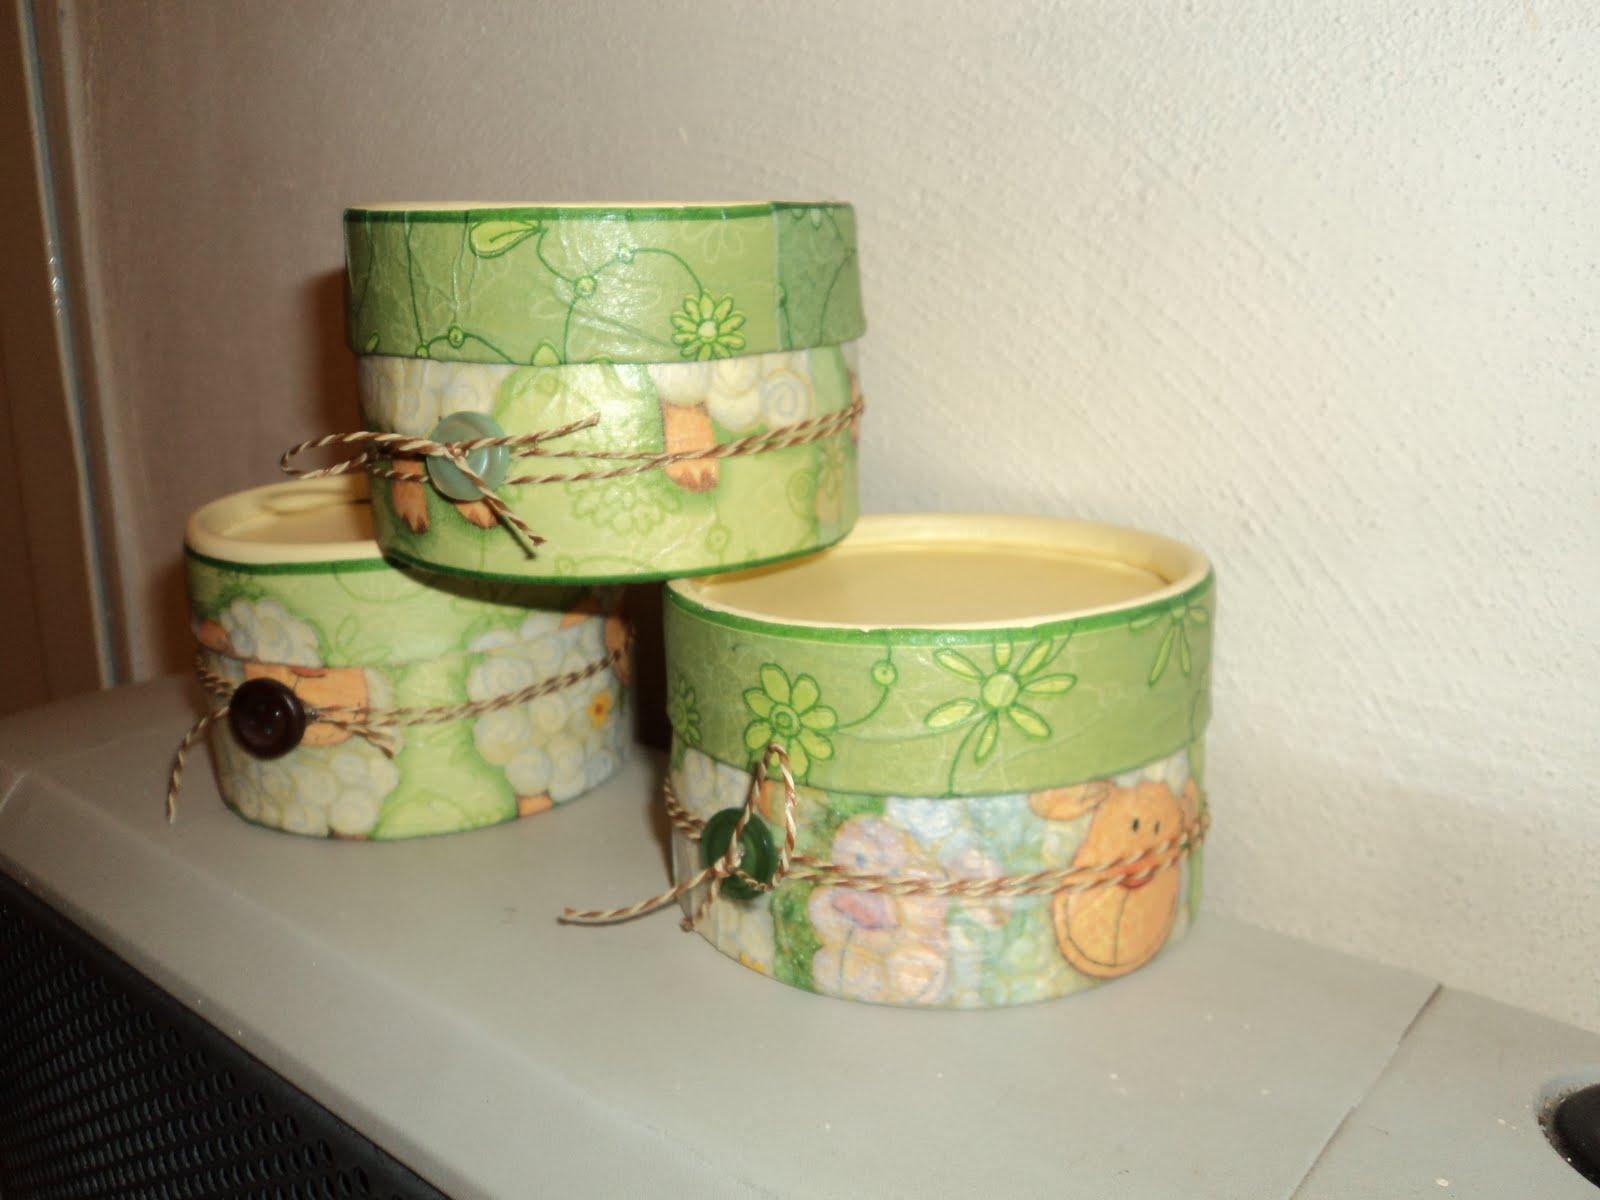 Mis trabajos de porcelana y pintura cajas con decoupage - Pintura para decoupage ...